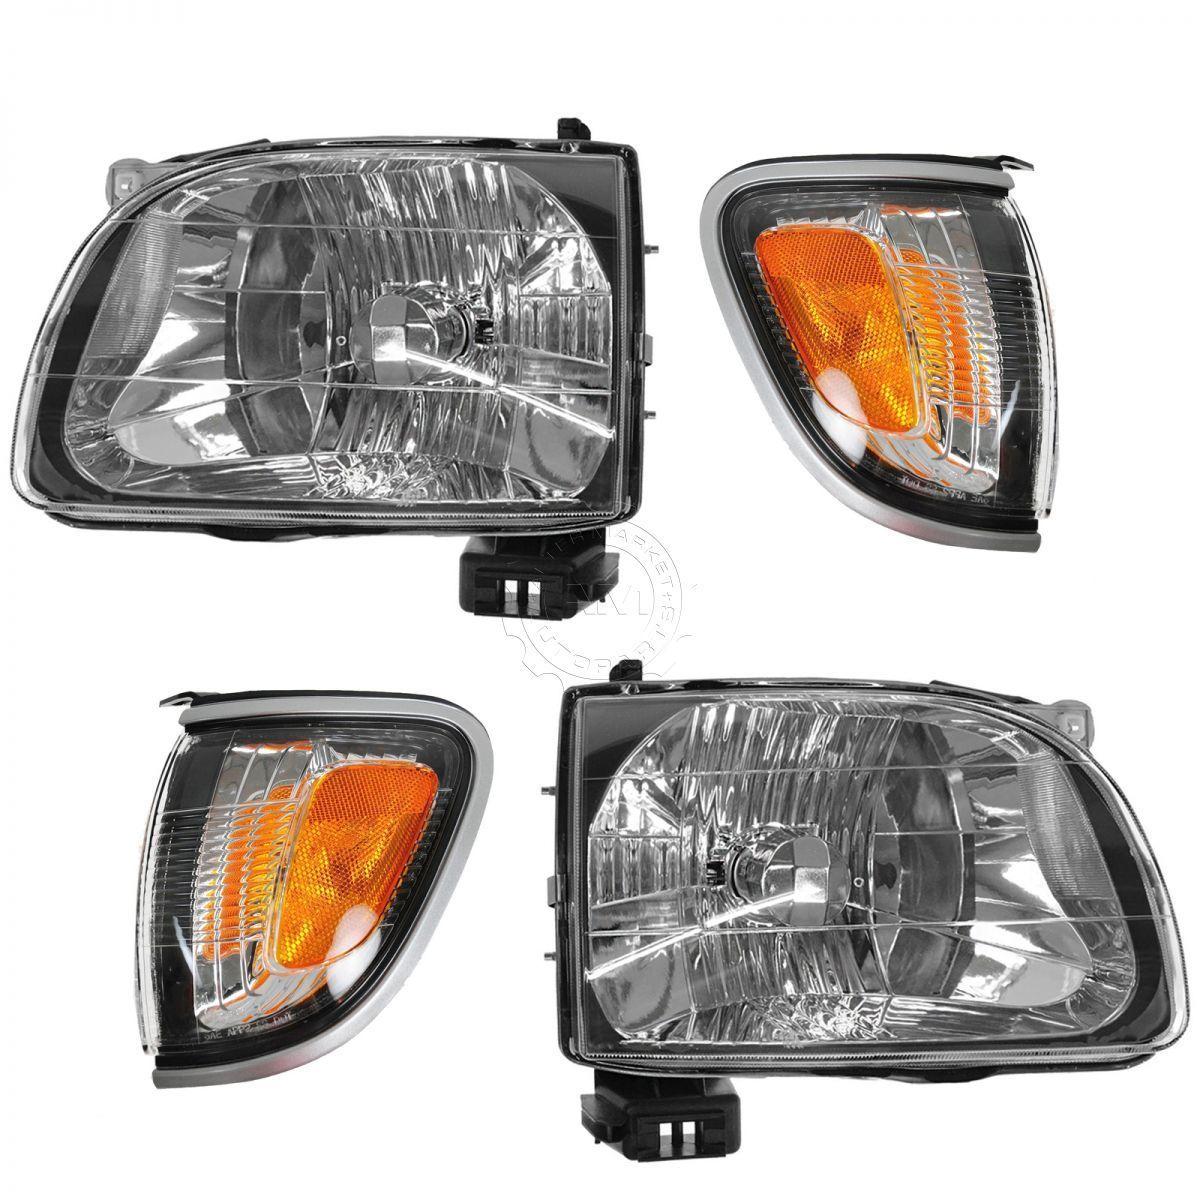 コーナーライト Headlight Parking Light Lamp LH RH 4 Piece Kit Silver for 01-04 Tacoma Truck New ヘッドライトパーキングライトランプLH RH 4ピースキットシルバー01-04タコマトラックNew